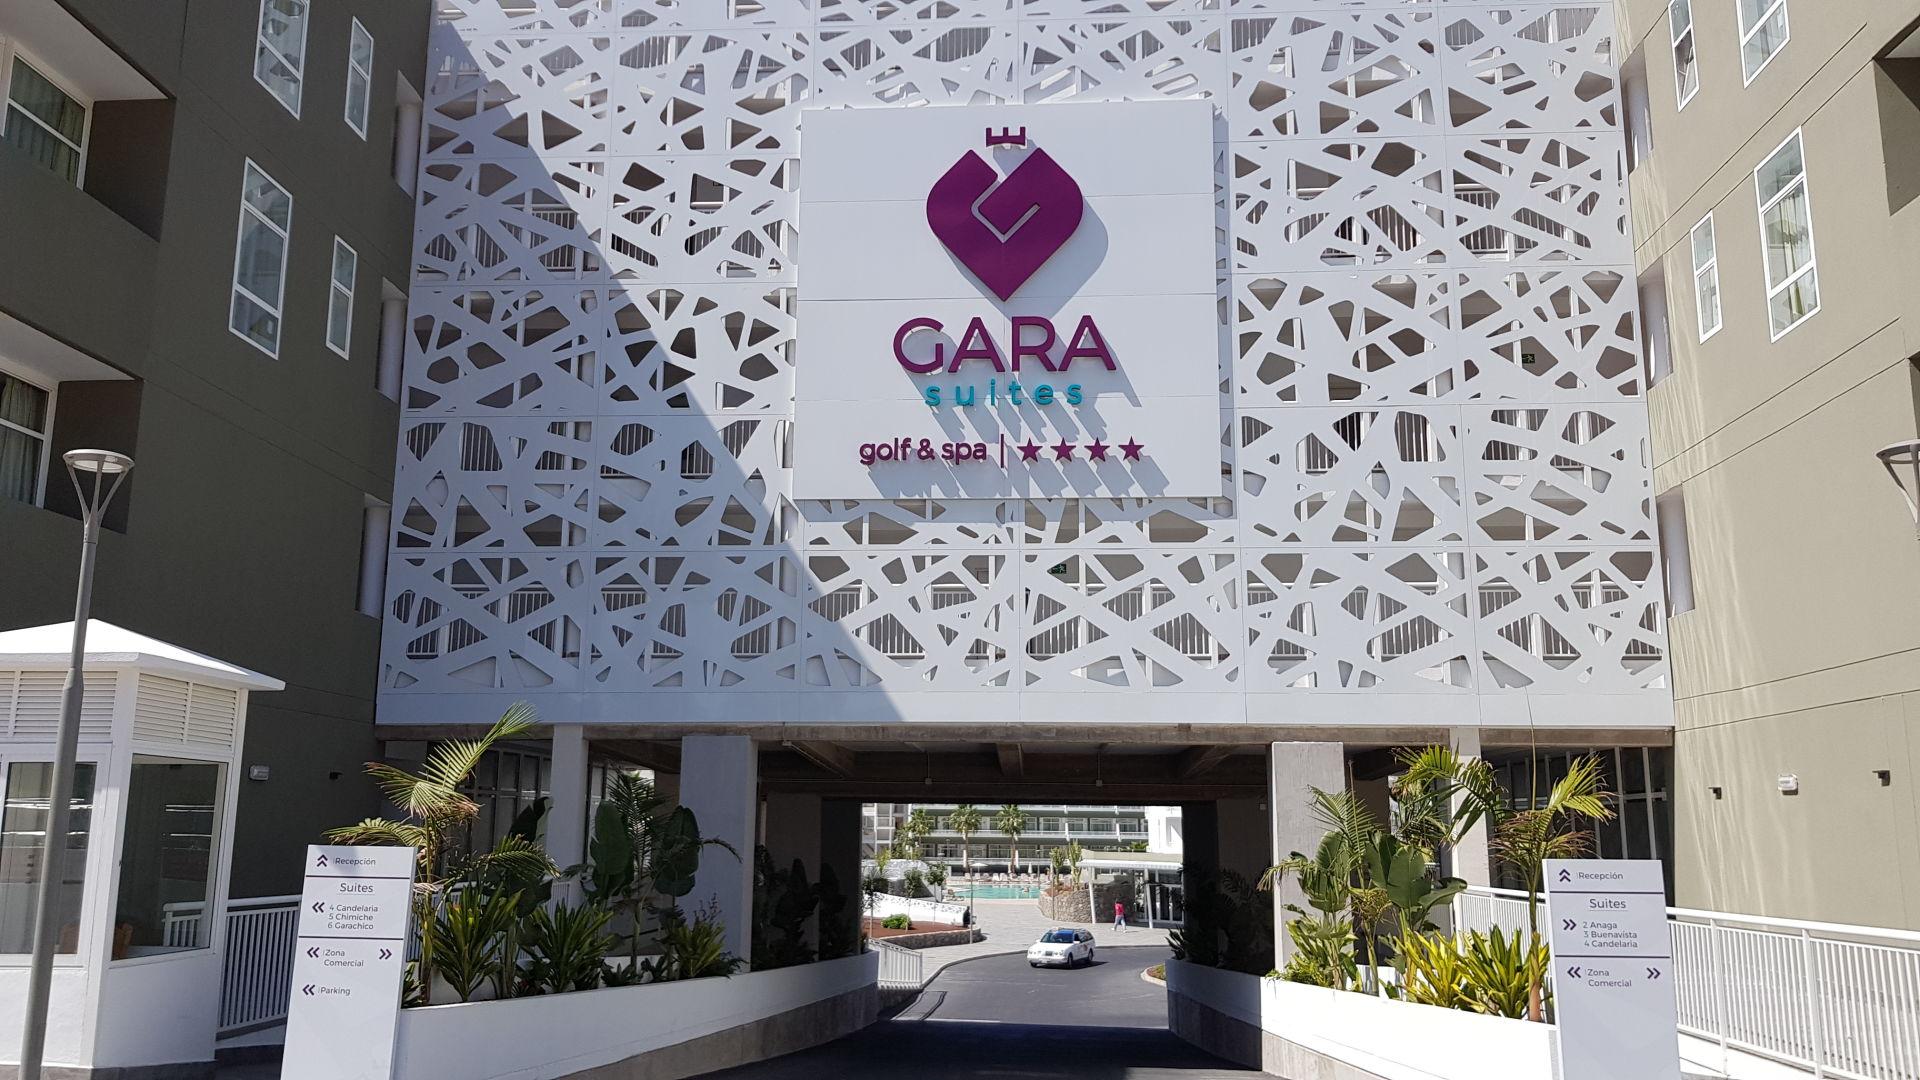 Hotel Gara Suite – Rótulo Luminoso & Revestimiento de Fachada Composite Ahuecada